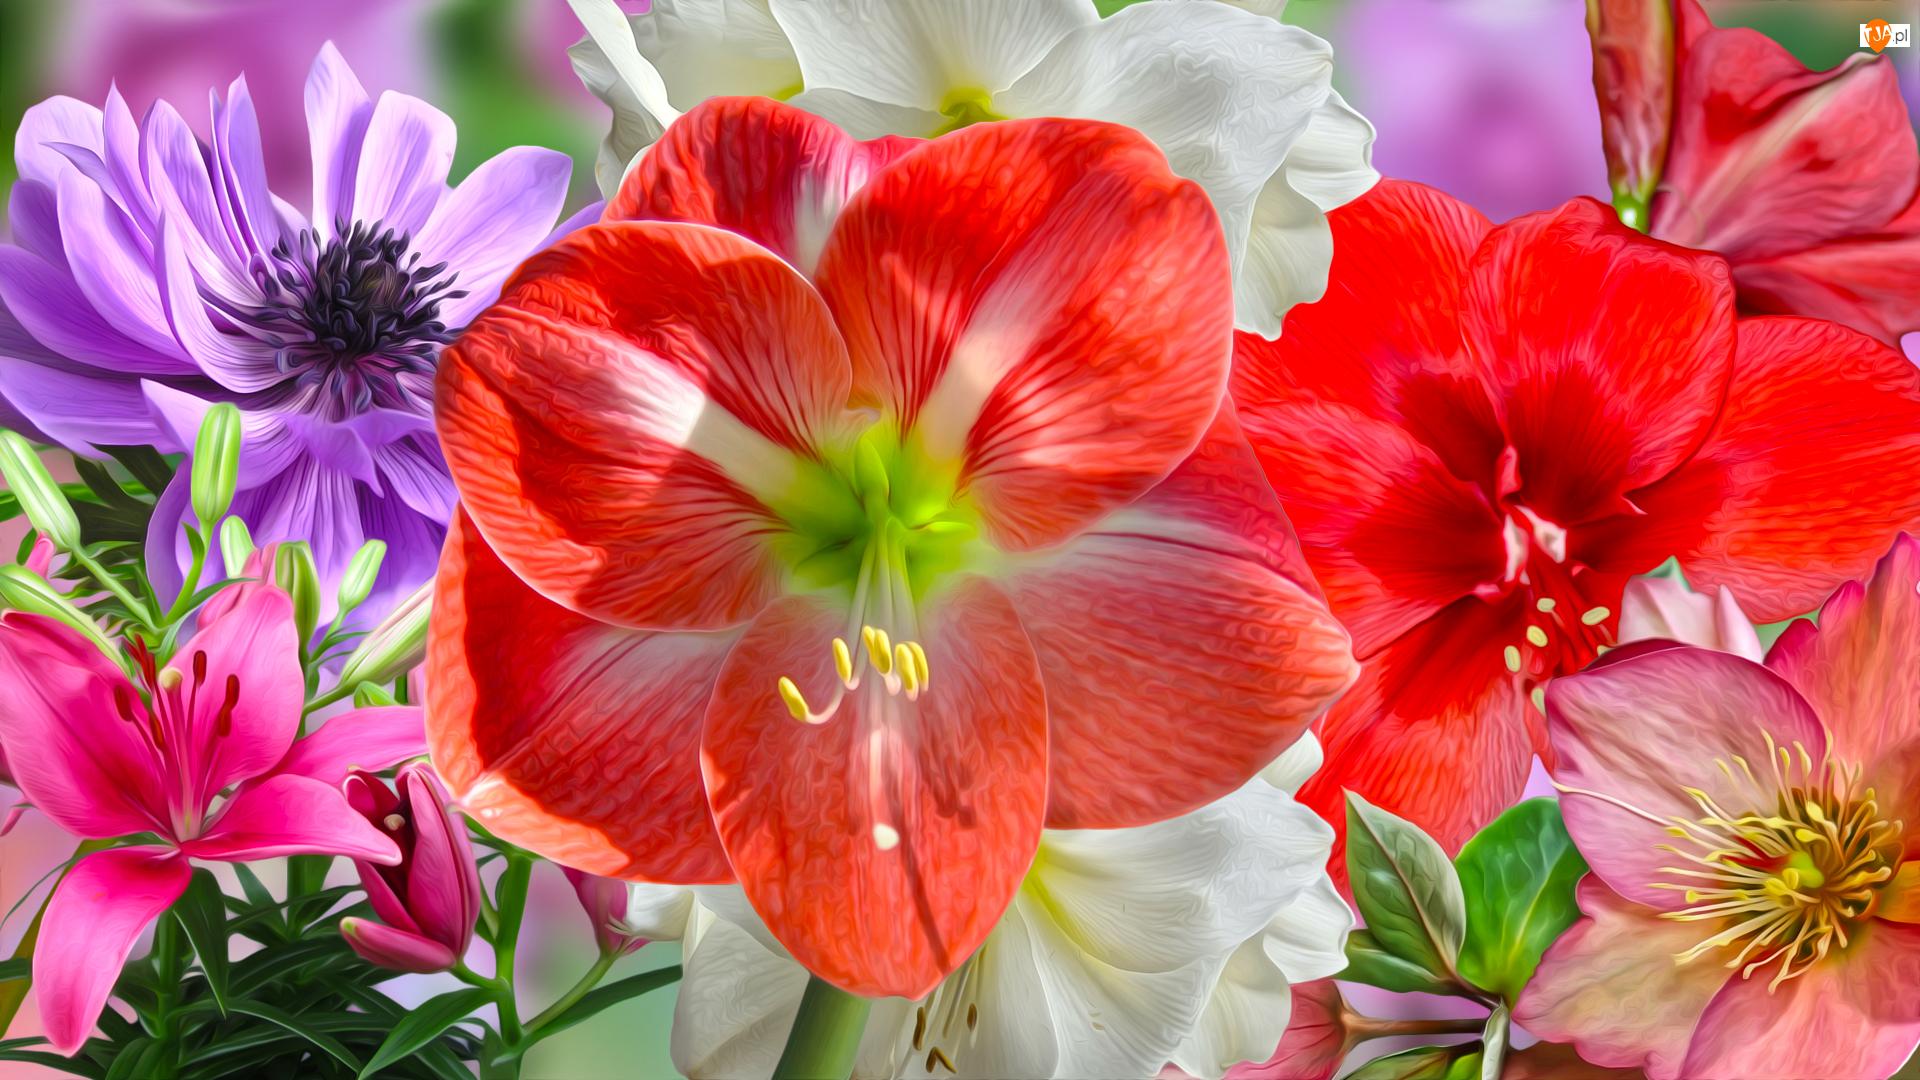 Zawilec, Grafika, Amarylisy, Kwiaty, Lilia